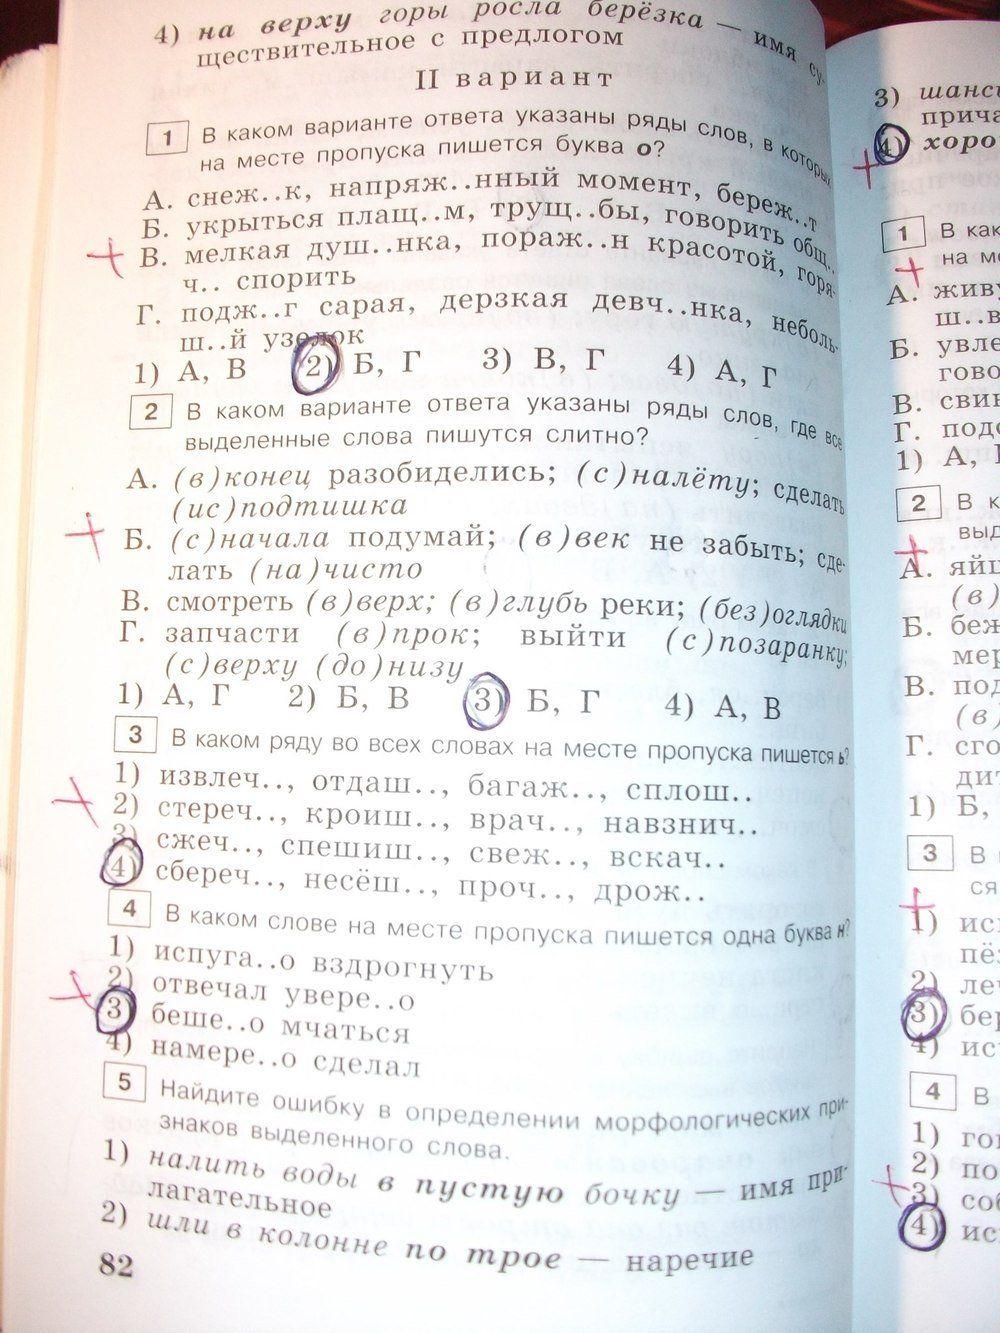 Обух станкевич витченко практическая тетрадь по географии11класс